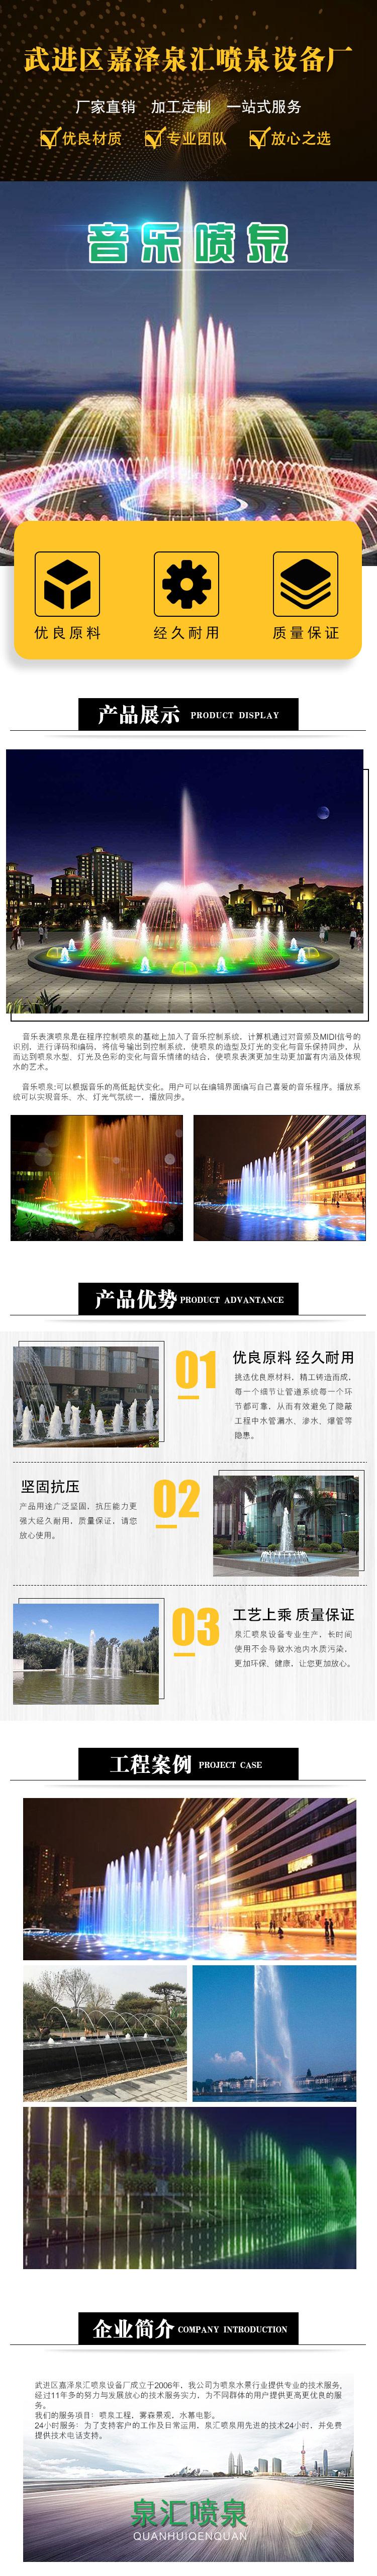 音乐喷泉.jpg